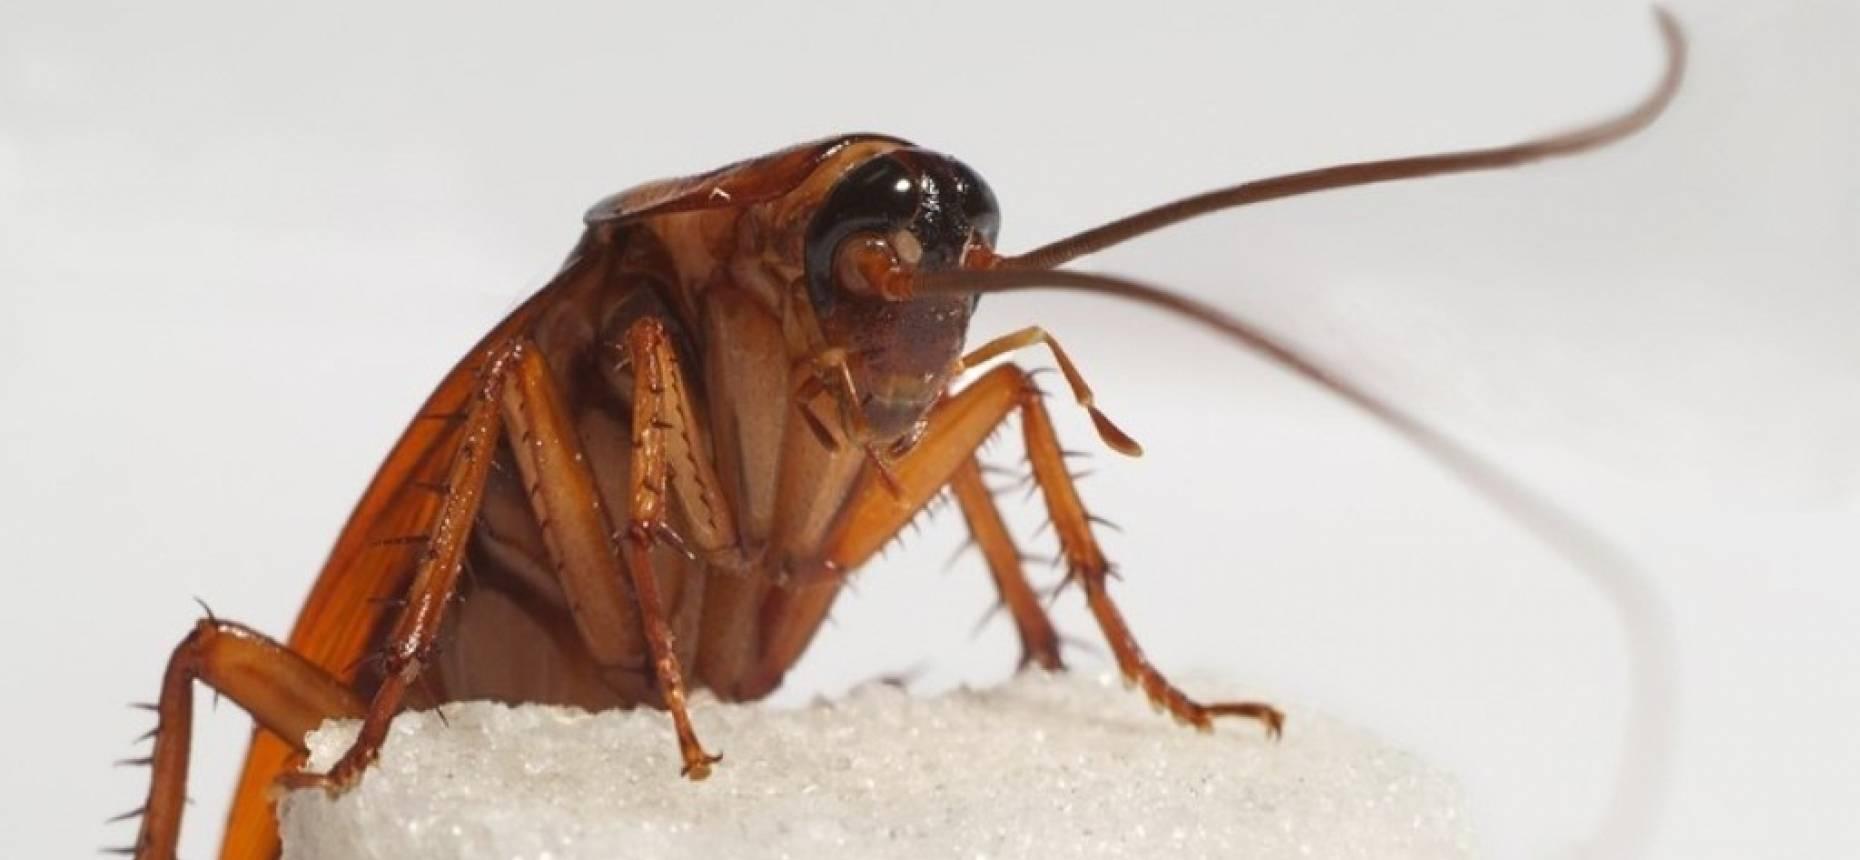 Без еды, воды и головы: сколько живут тараканы?